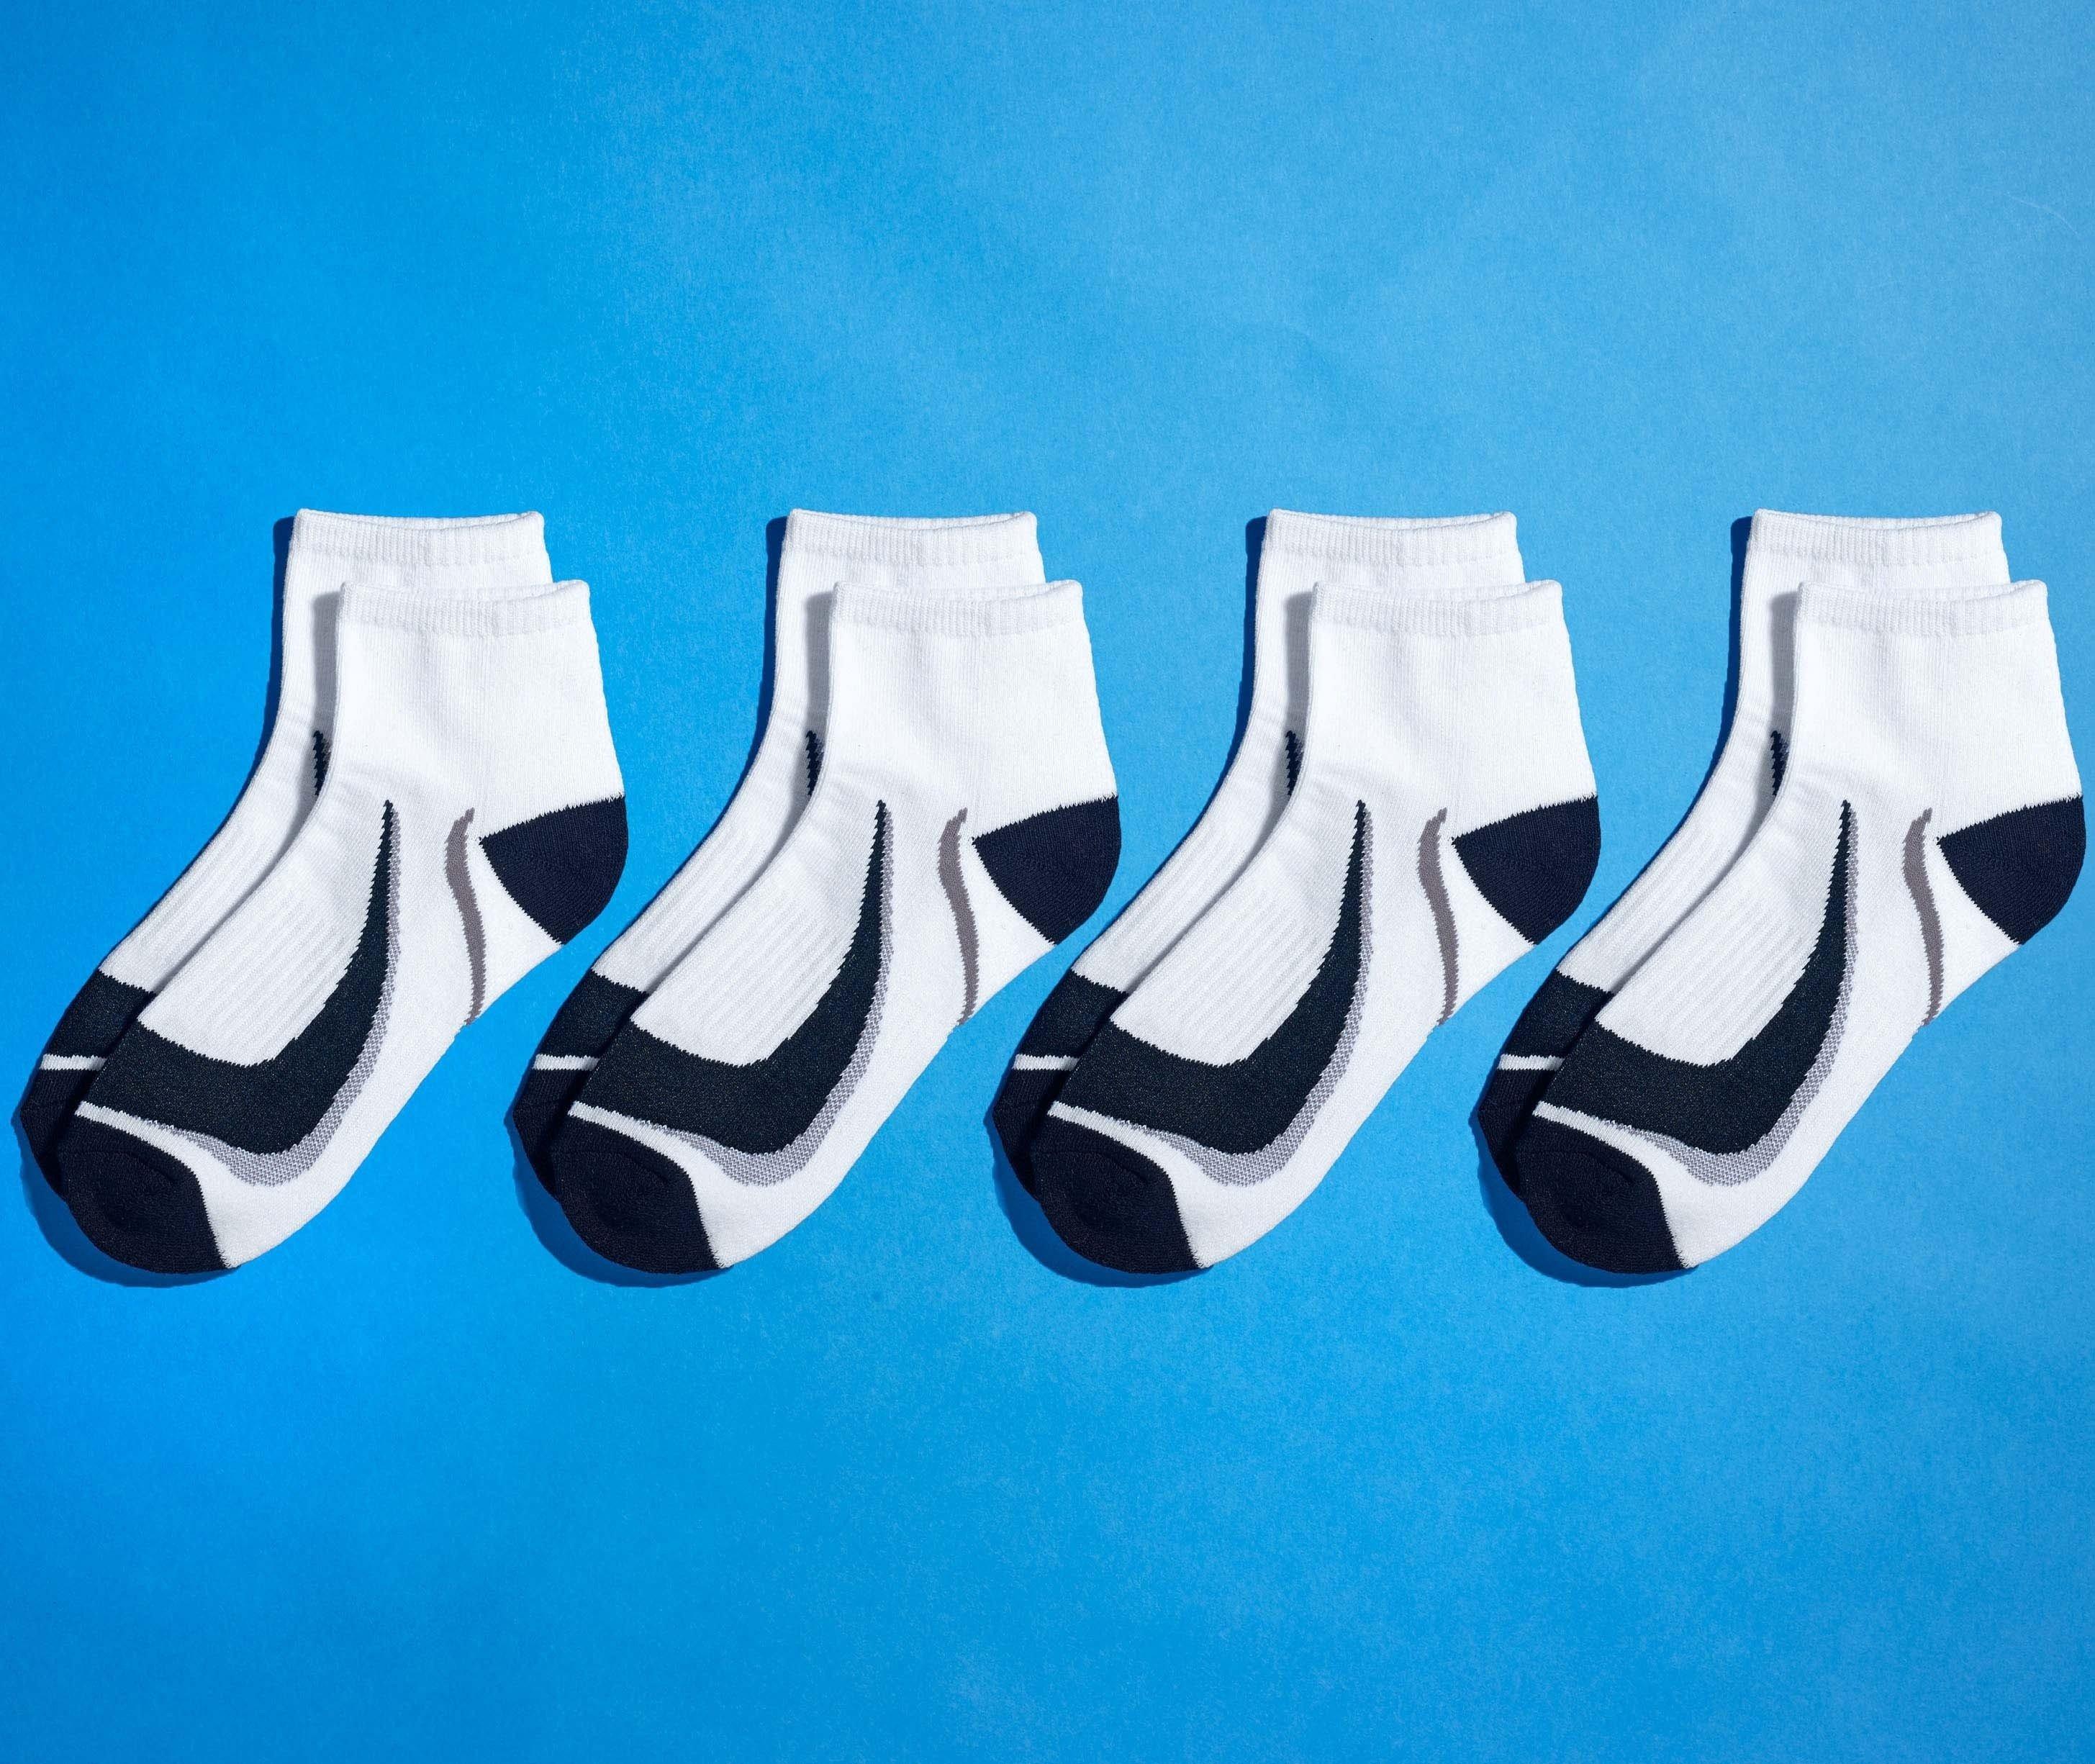 U-Sneakers-Sport,4p.noir/blan